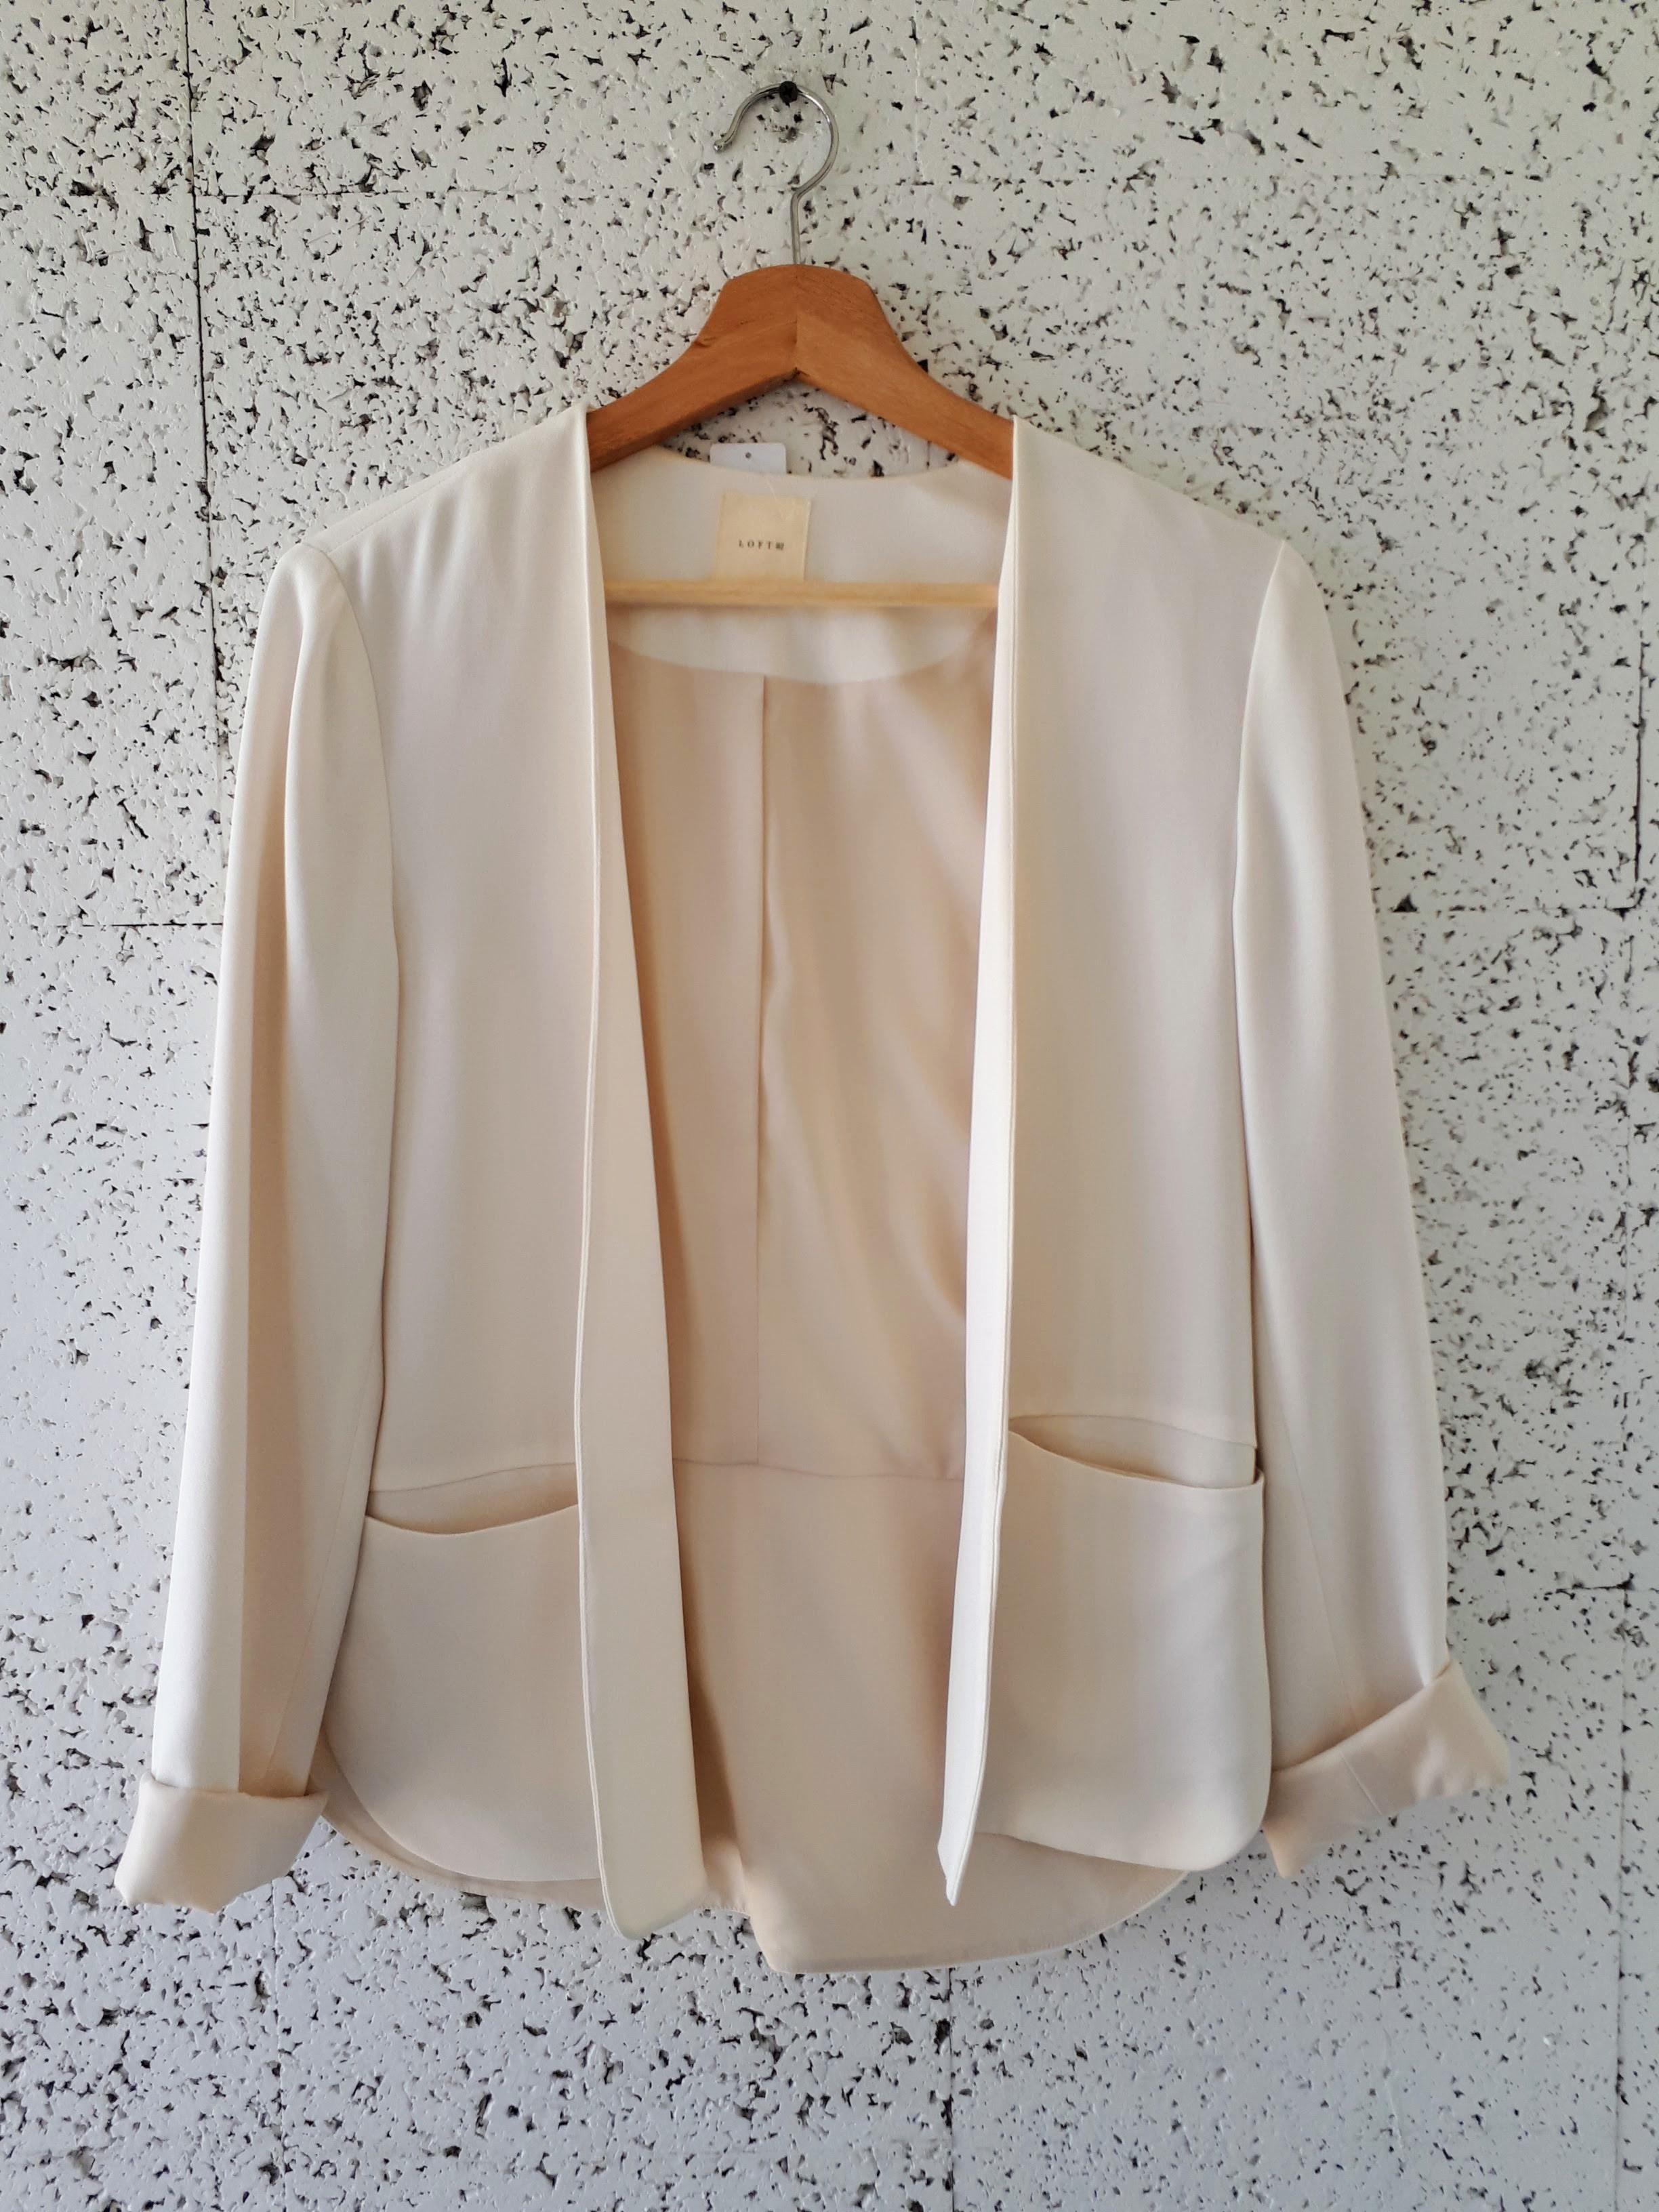 Loft 82 blazer; Size S, $52